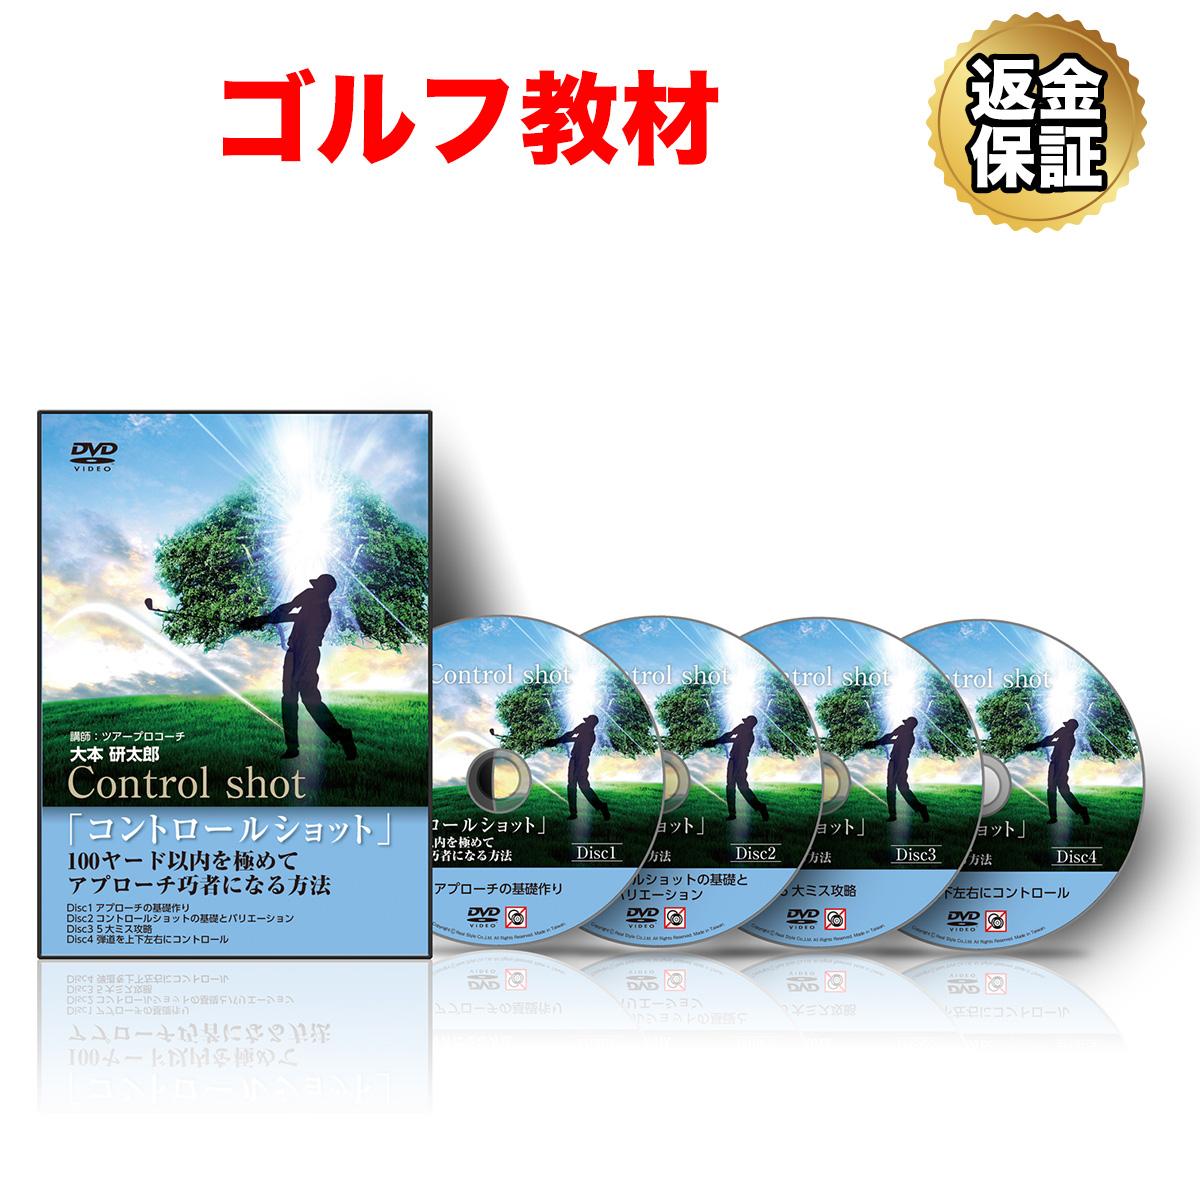 ゴルフ 教材 DVD 「コントロールショット」100ヤード以内を極めてアプローチ巧者になる方法